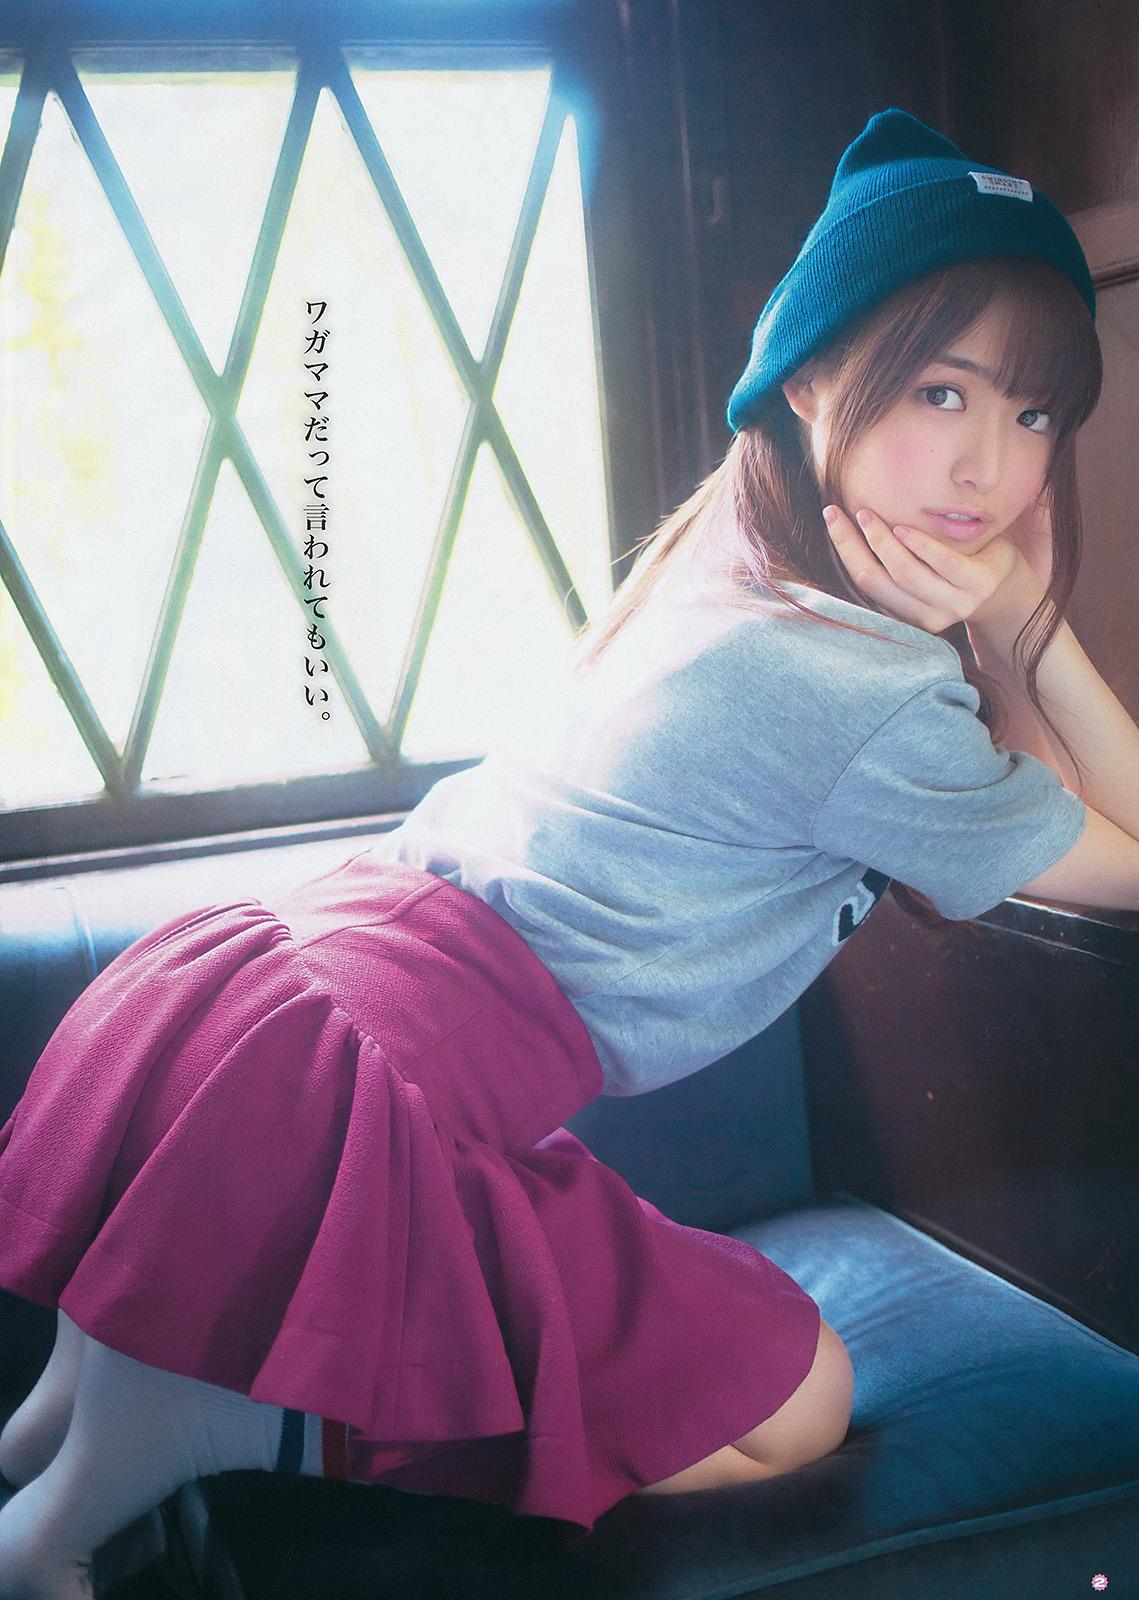 乃木坂46松村沙友理(22)「不倫だとは知らなかった」「本屋のマンガコーナーでたまたま知り合った」5